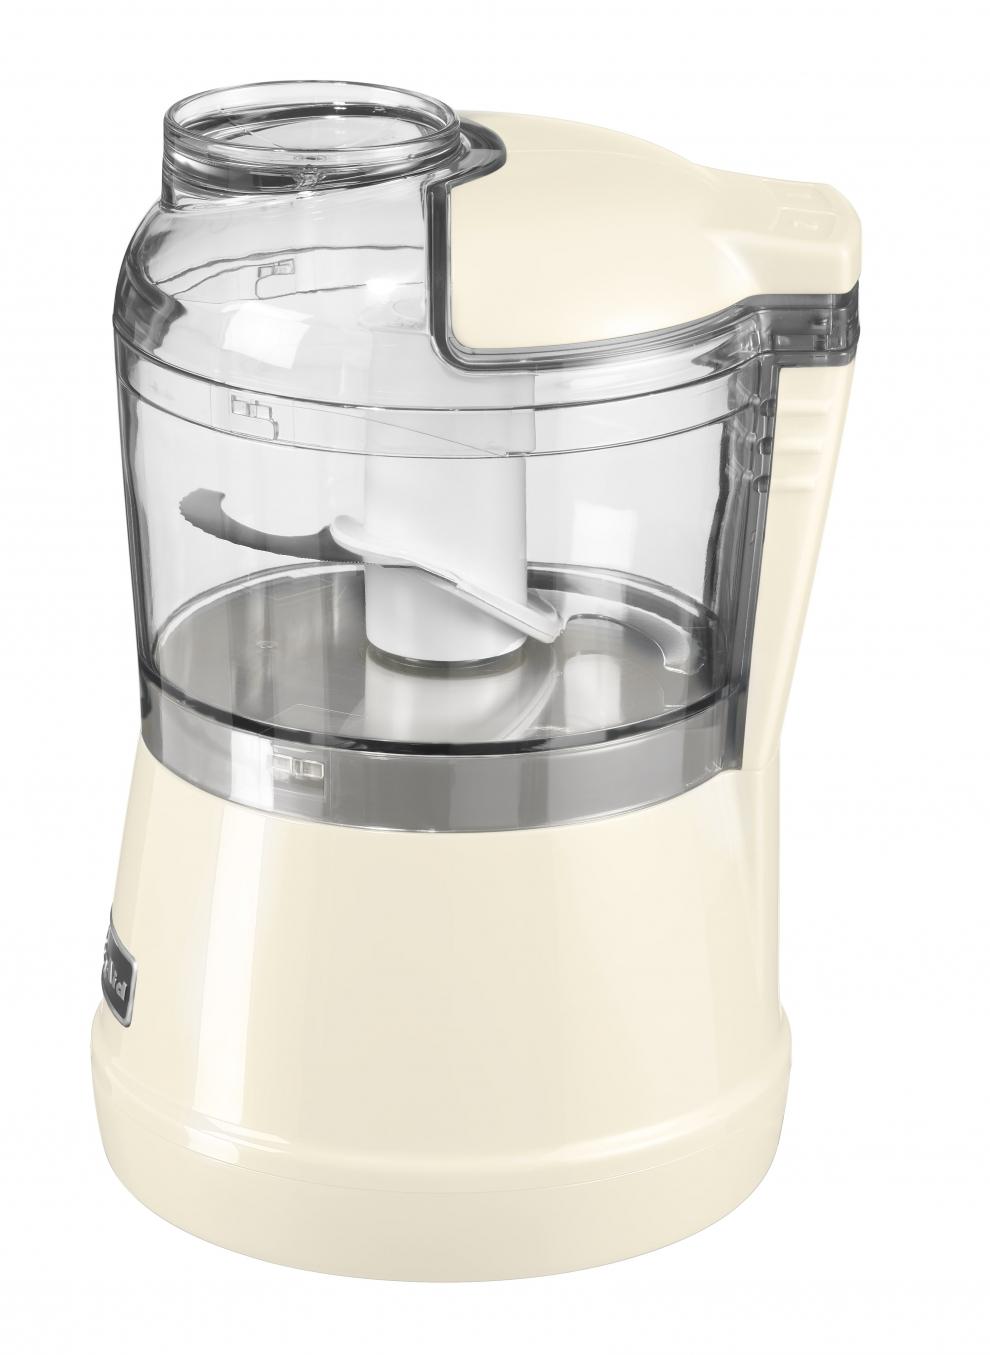 produits hachoir compact kitchenaid creme